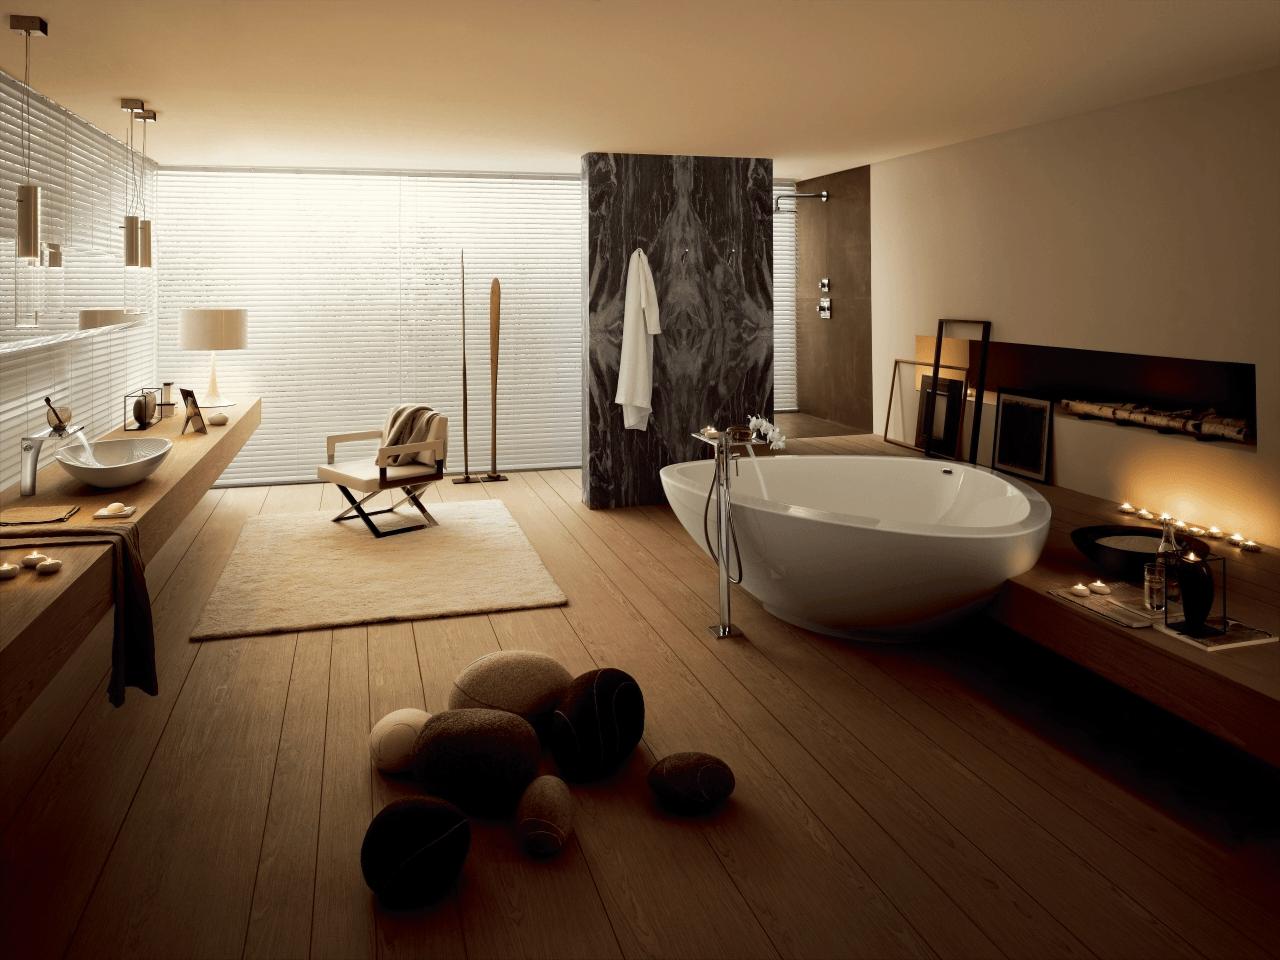 Bathroom with wooden floor, Open Design Bathroom